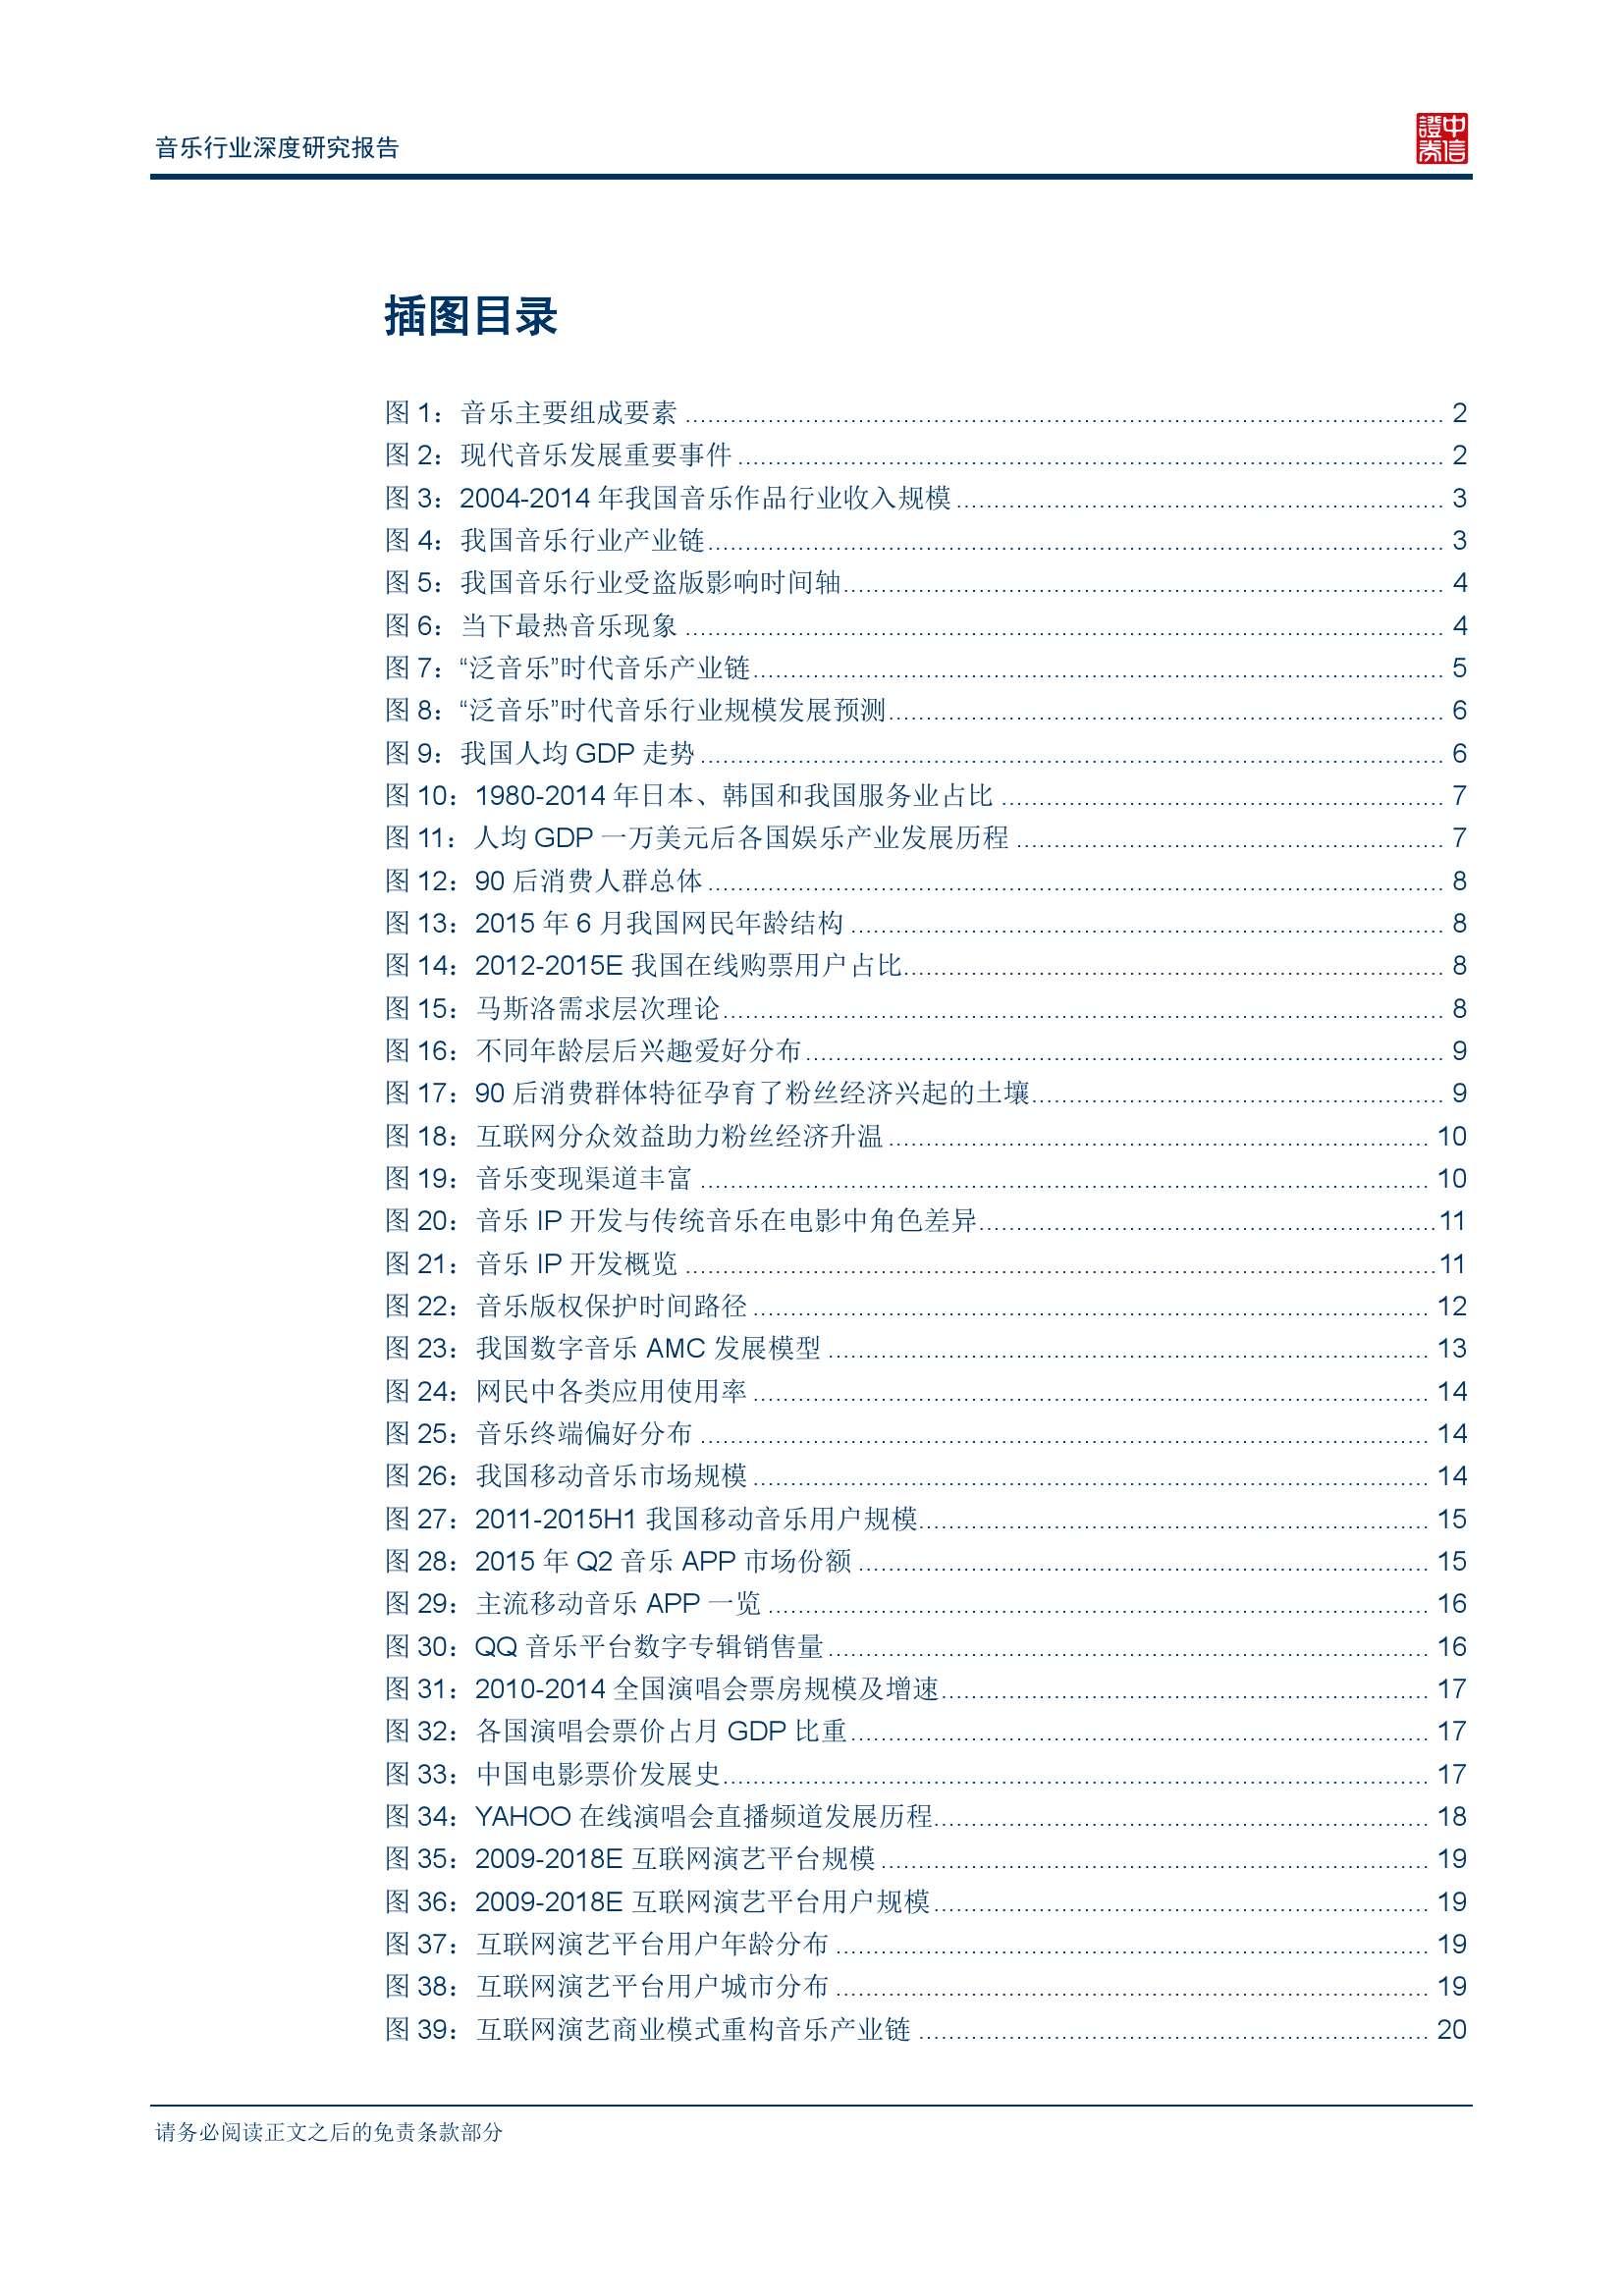 中信证券音乐行业深度研究报告_000003